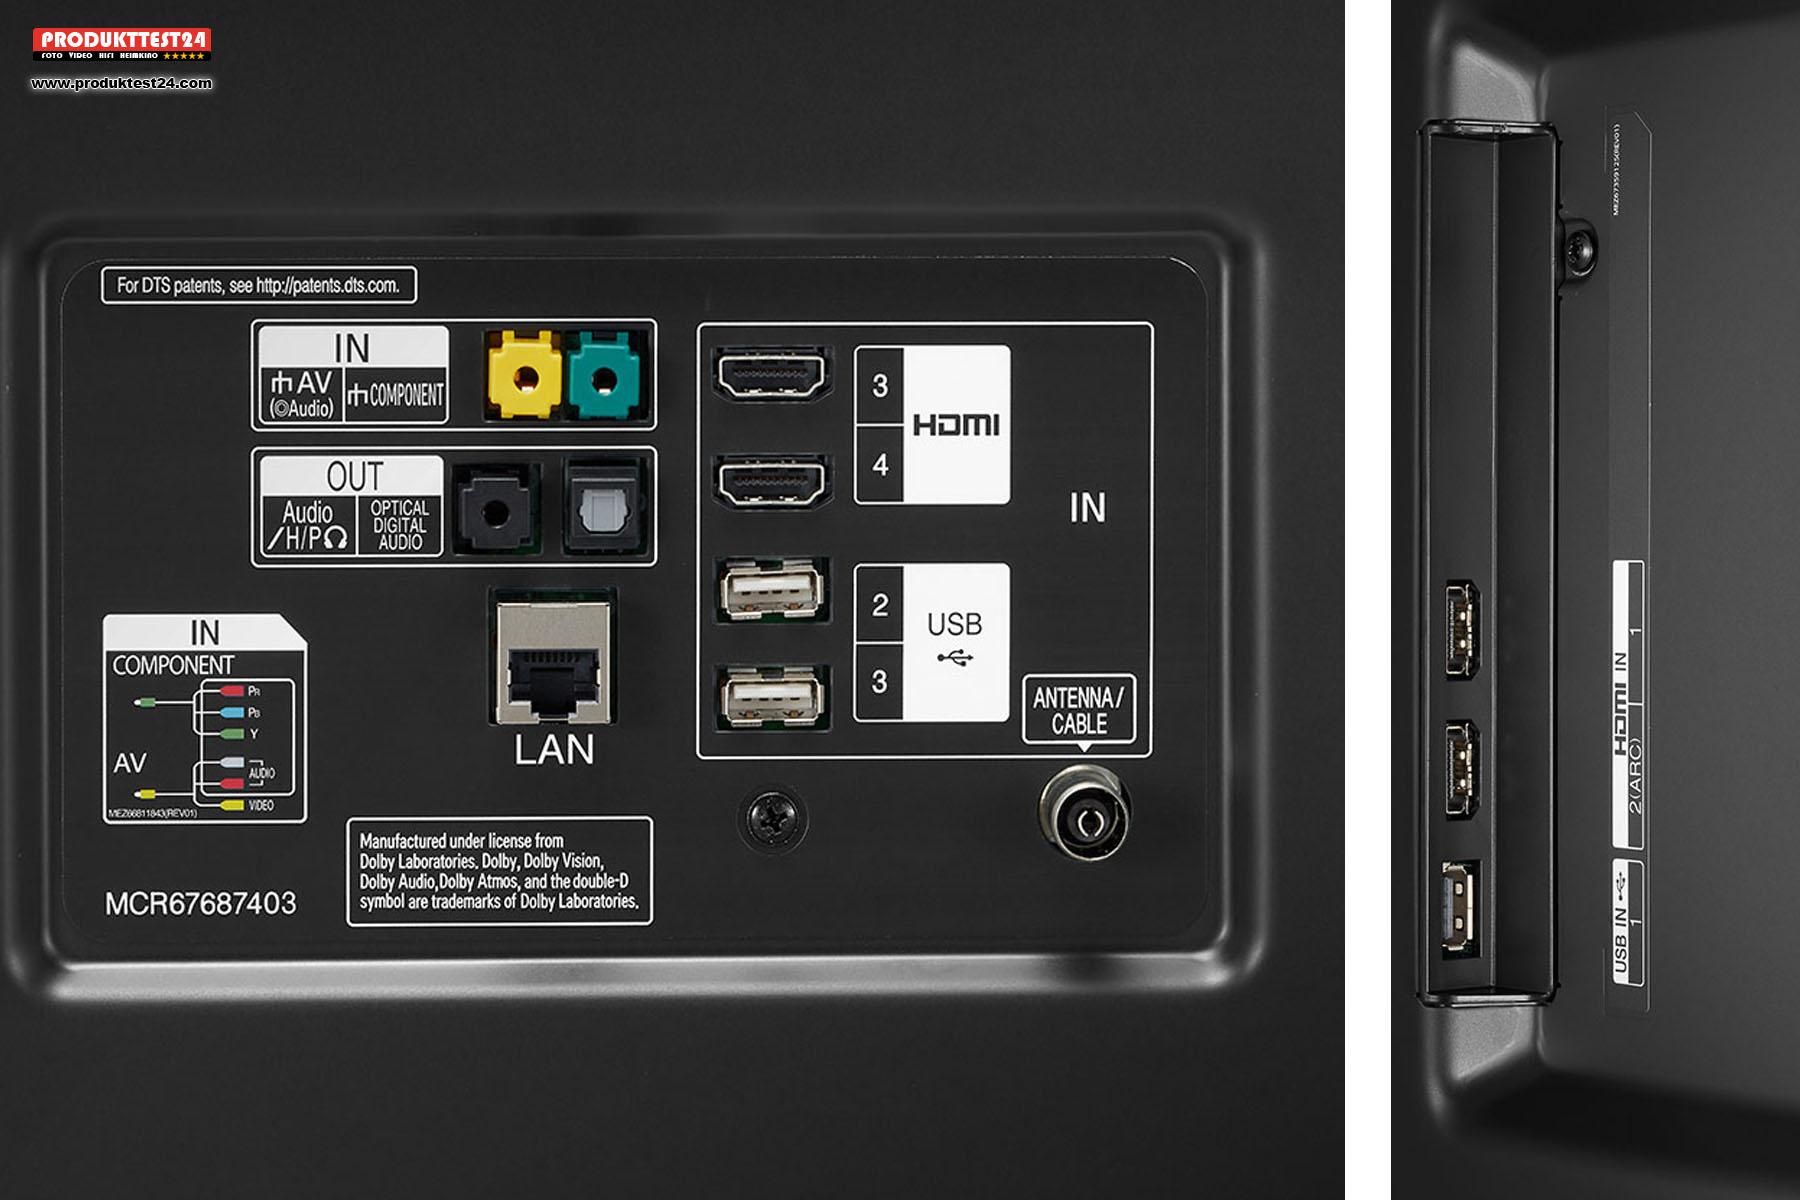 Anschlüsse des LG 86UM7600: 4x HDMI, 3x USB, 1x Optisch, 1x Kopfhörer, LAN, WLN, Bluetooth und TV-Empfang